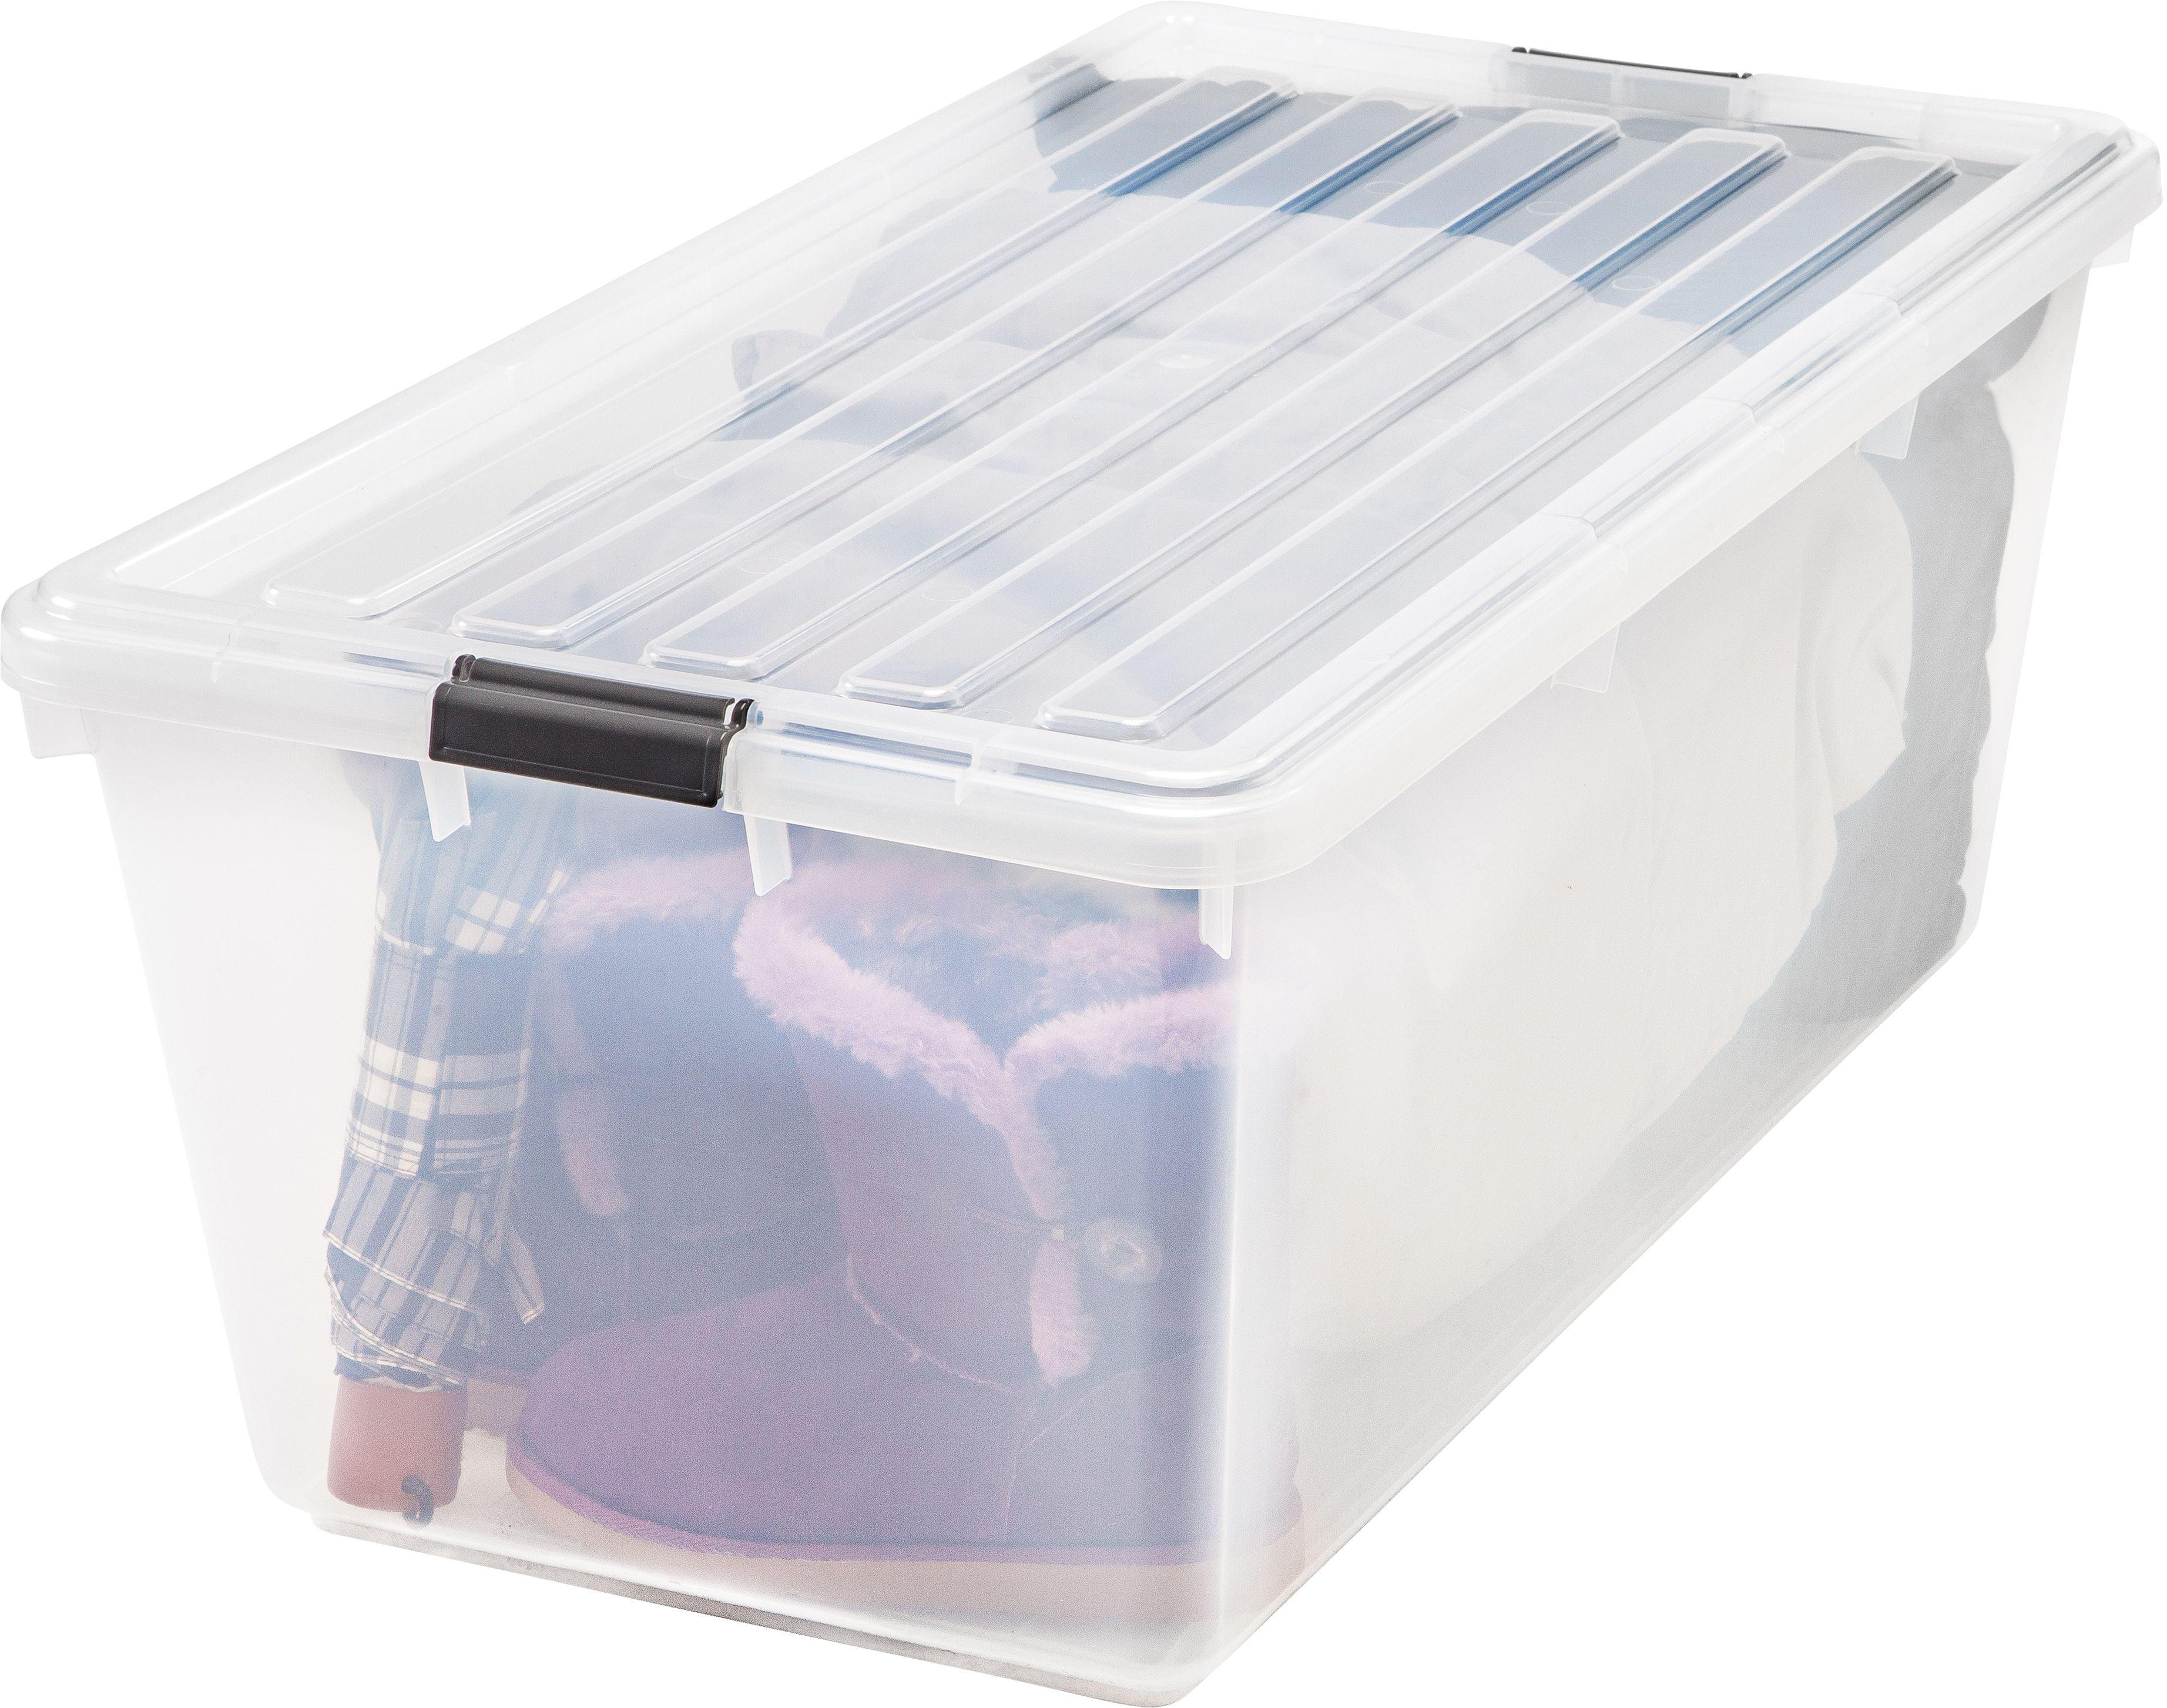 IRIS 91qt Buckle Down Plastic Storage Bin Clear